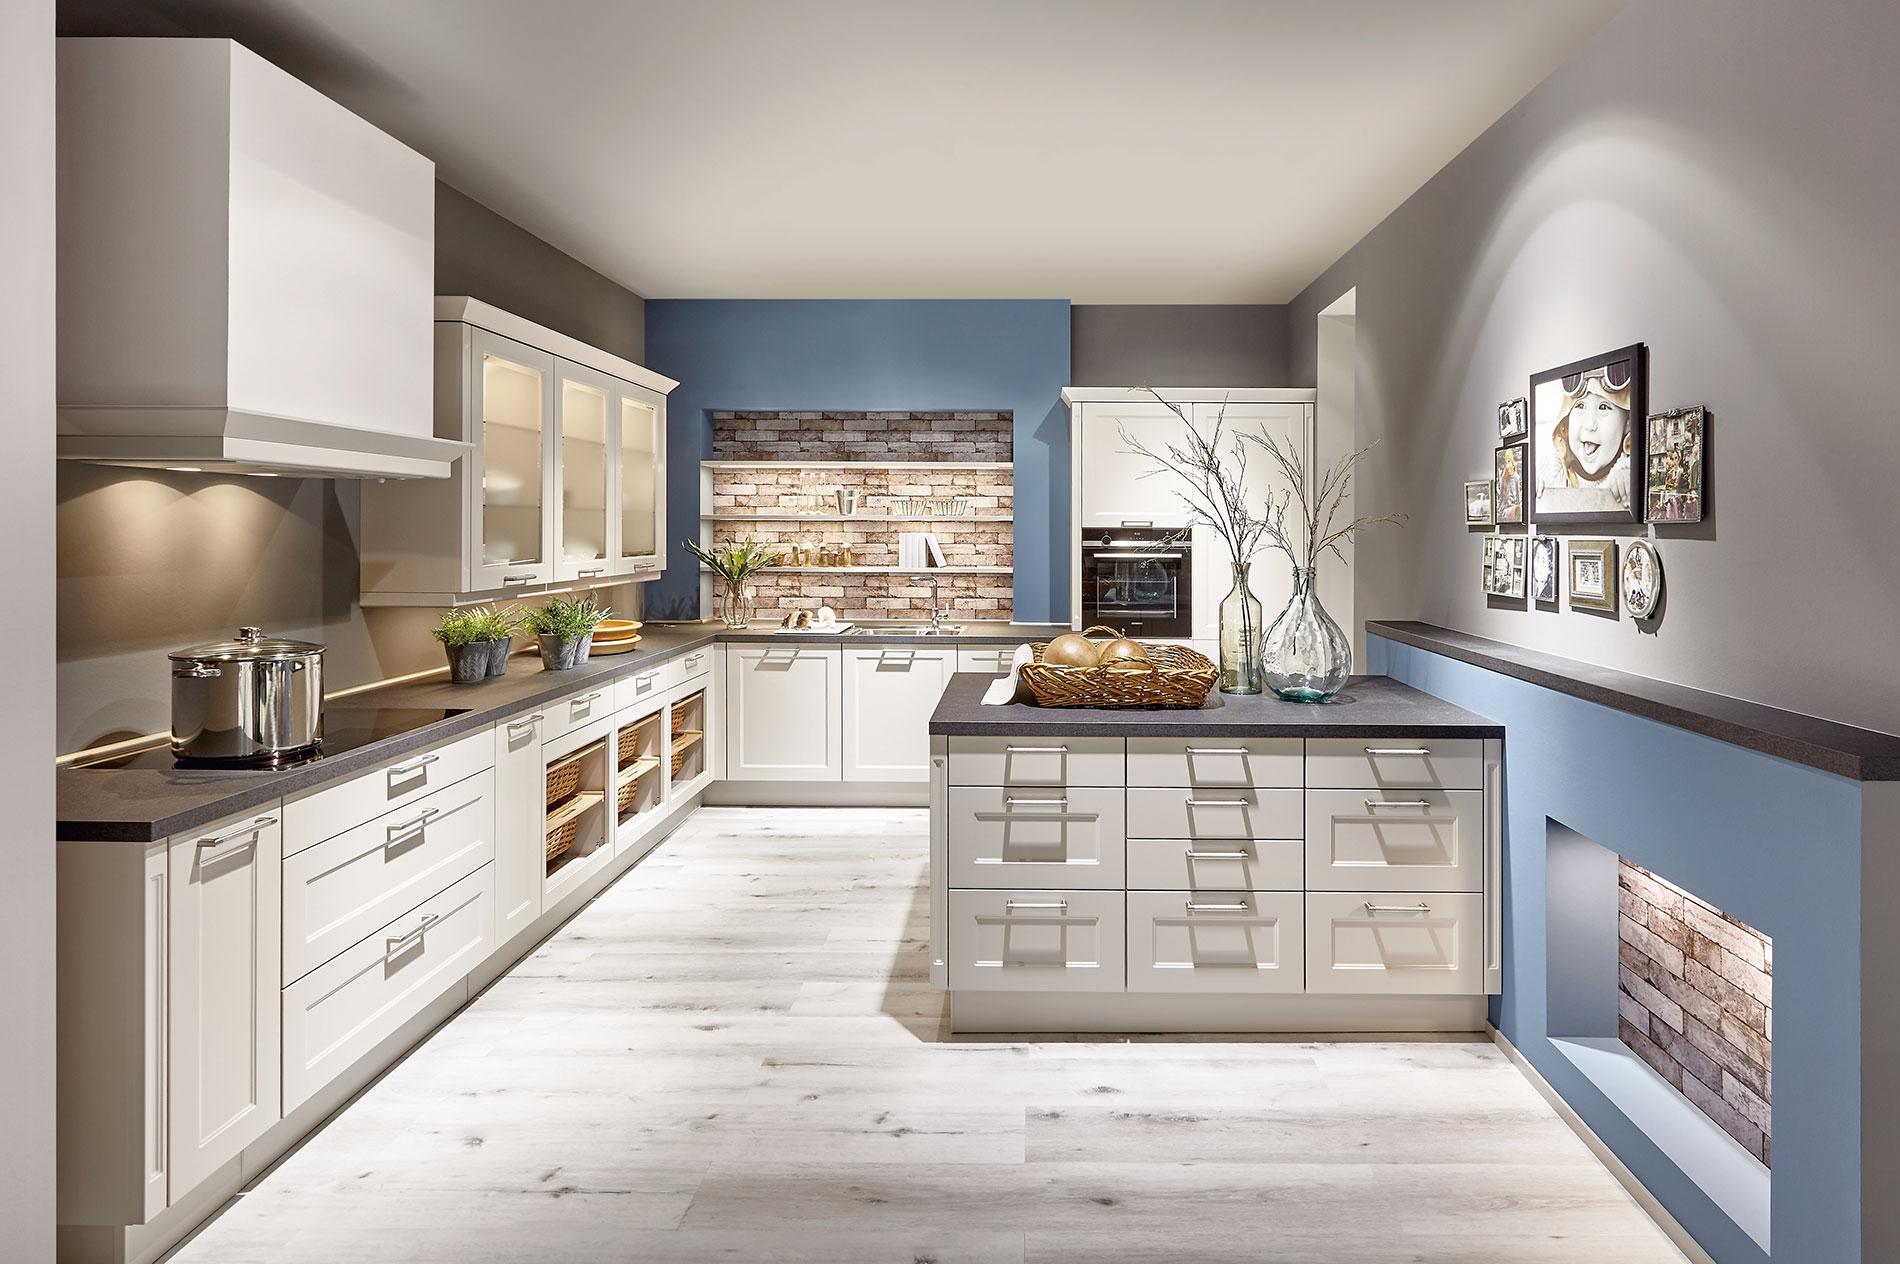 Küche | IDEENRÄUME